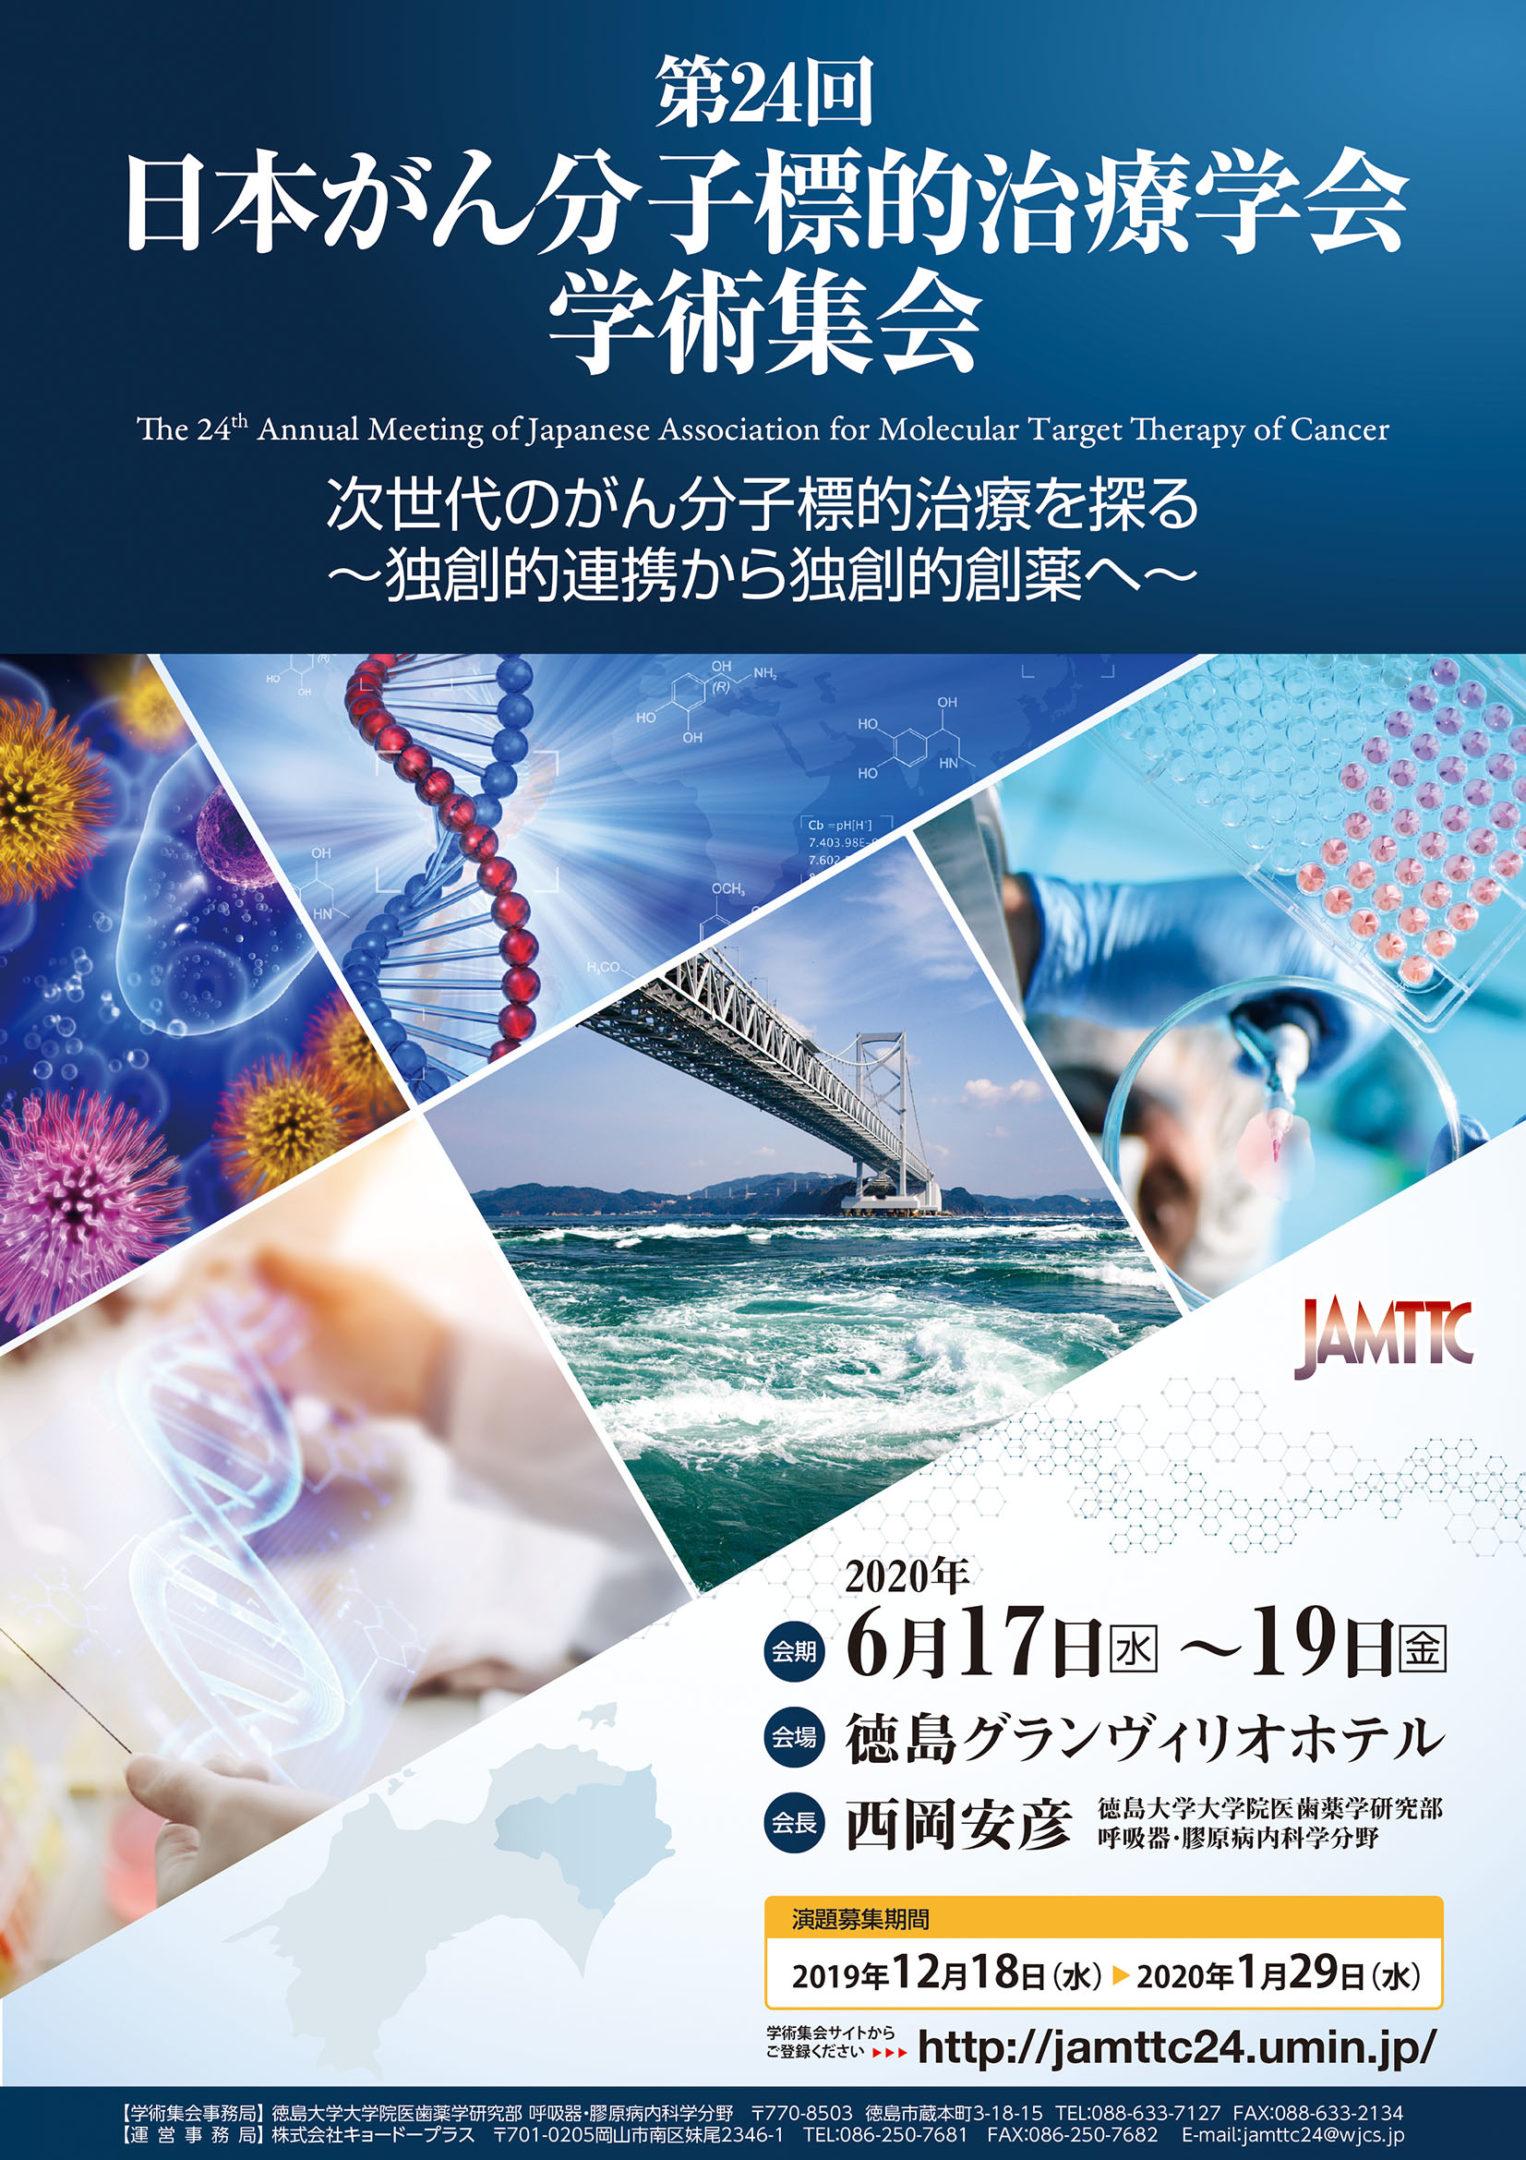 第24回日本がん分子標的治療学会学術集会 次世代のがん分子標的治療を探る 〜独創的連携から独創的創薬へ〜